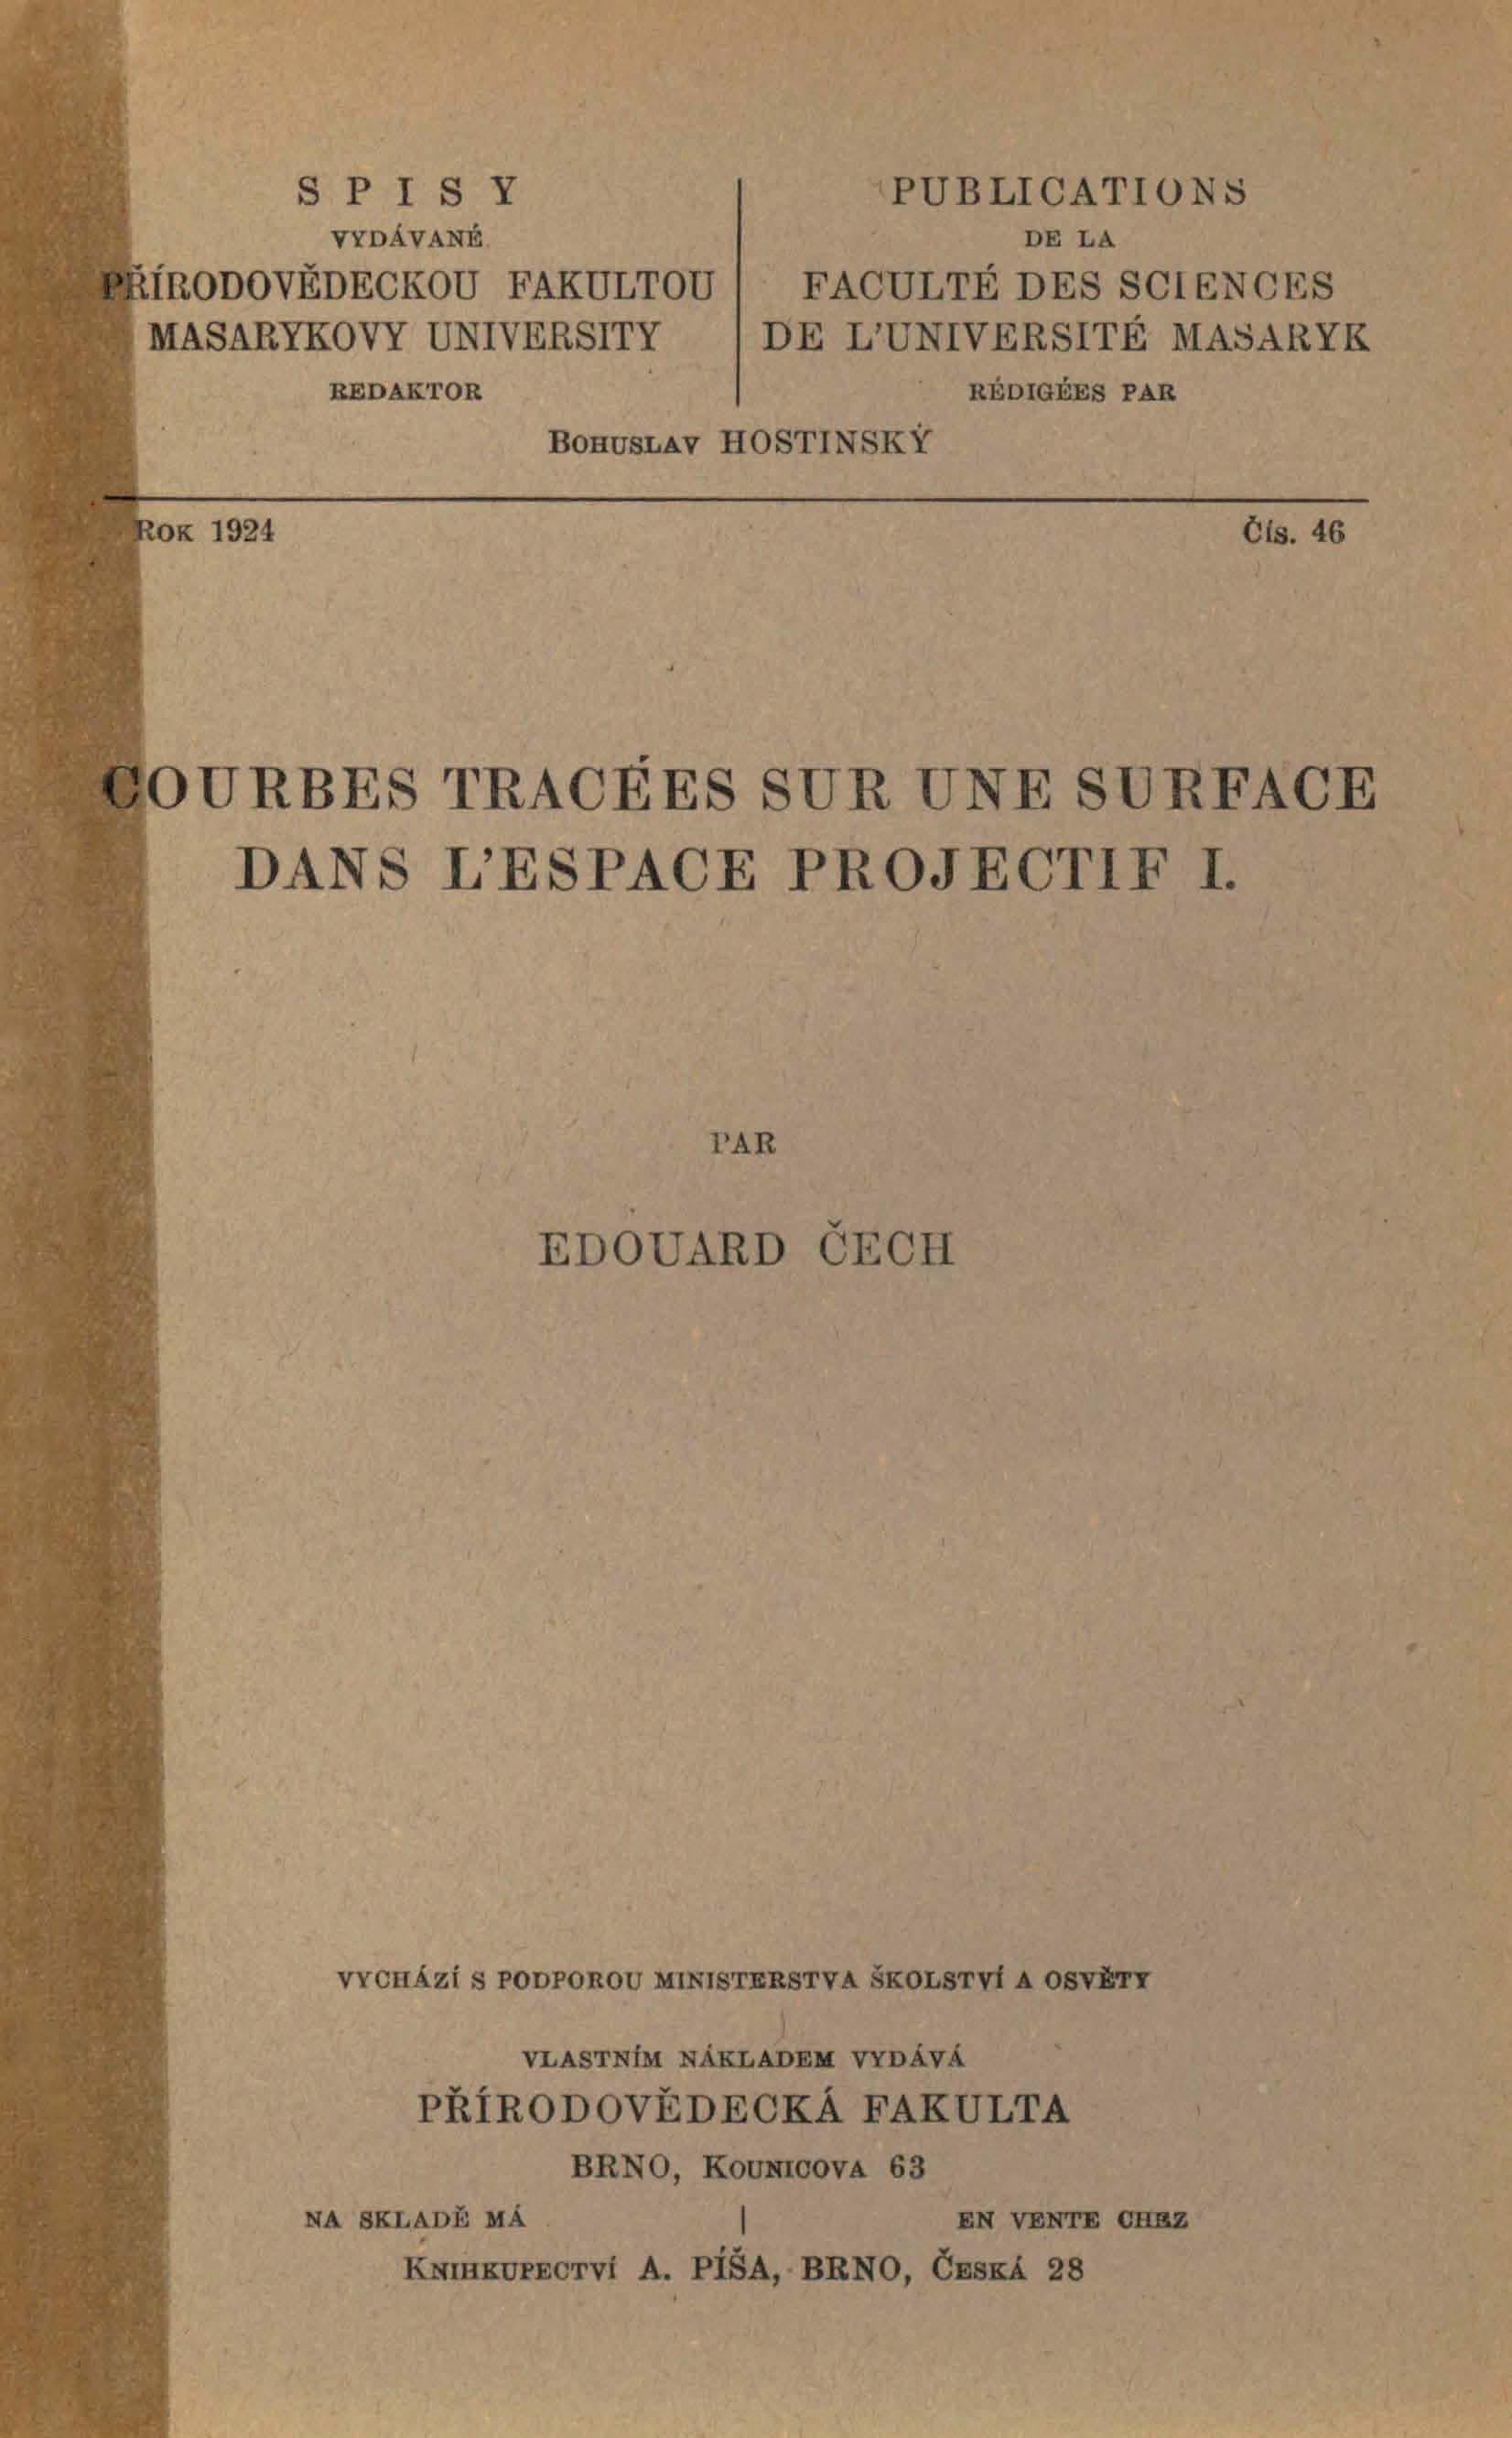 Obálka pro Courbes tracées sur une suface dans l´espace projectif I